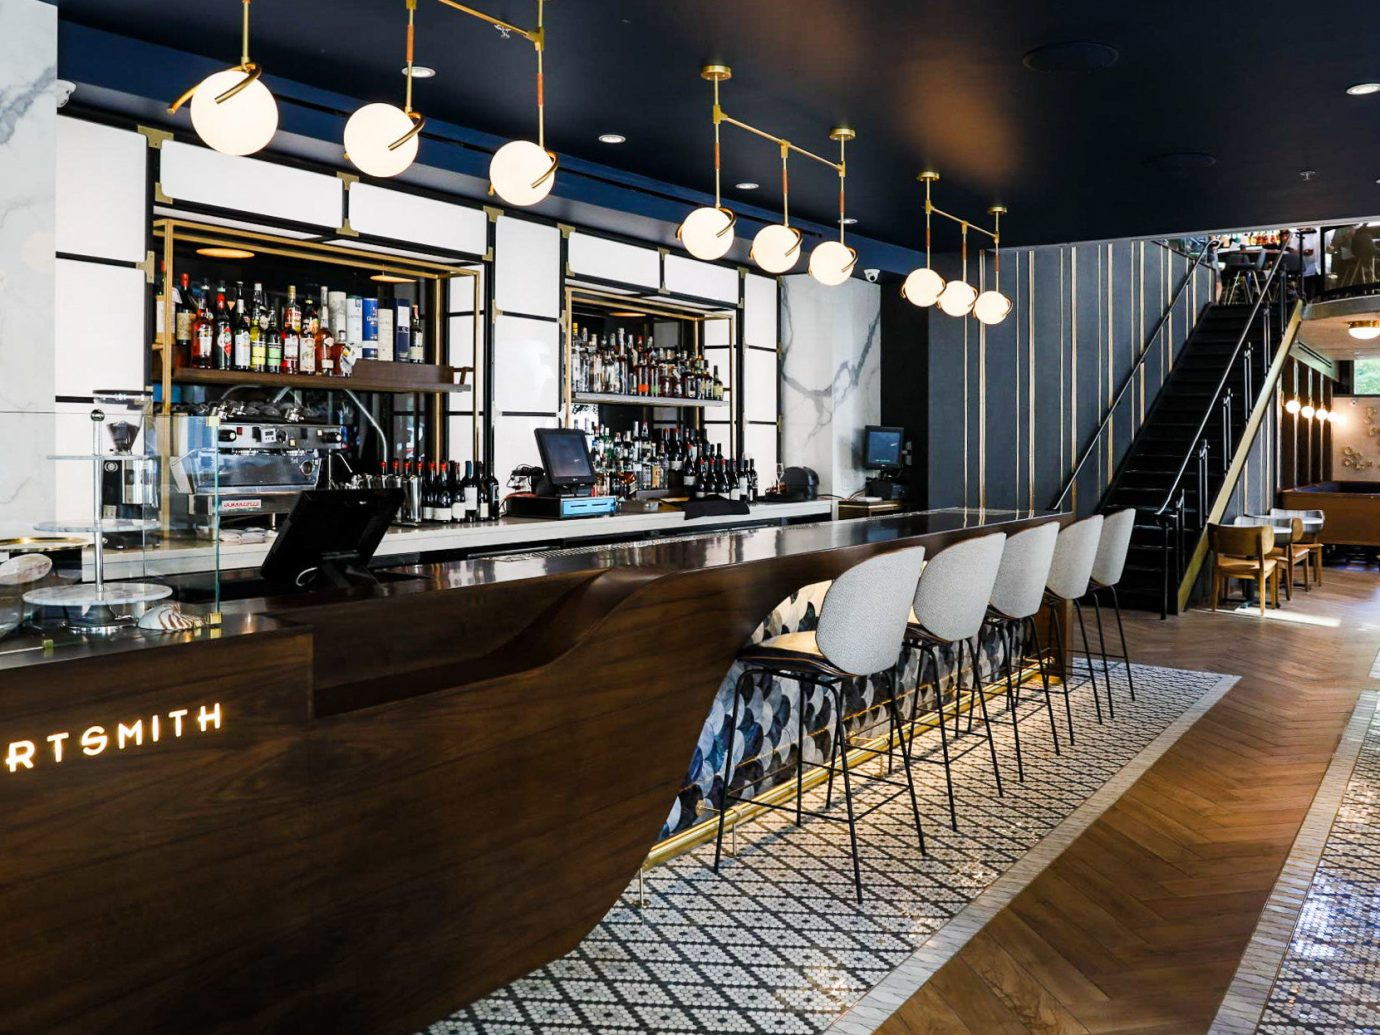 Arts + Culture Food + Drink Hotels Weekend Getaways floor indoor room interior design restaurant Bar furniture area